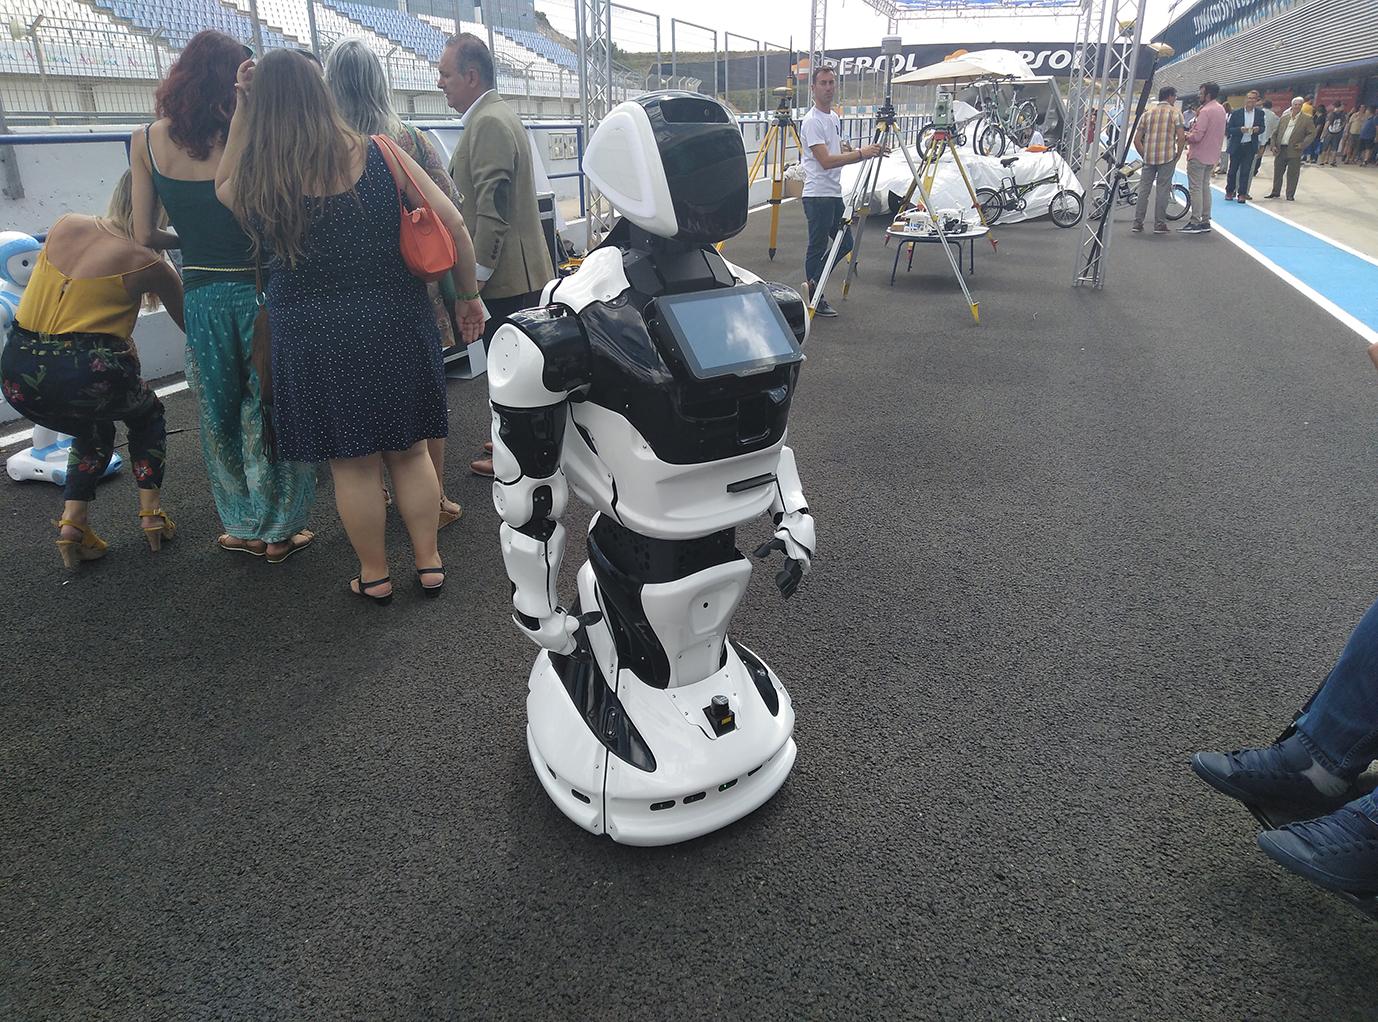 robot en el día de la persona emprendedora